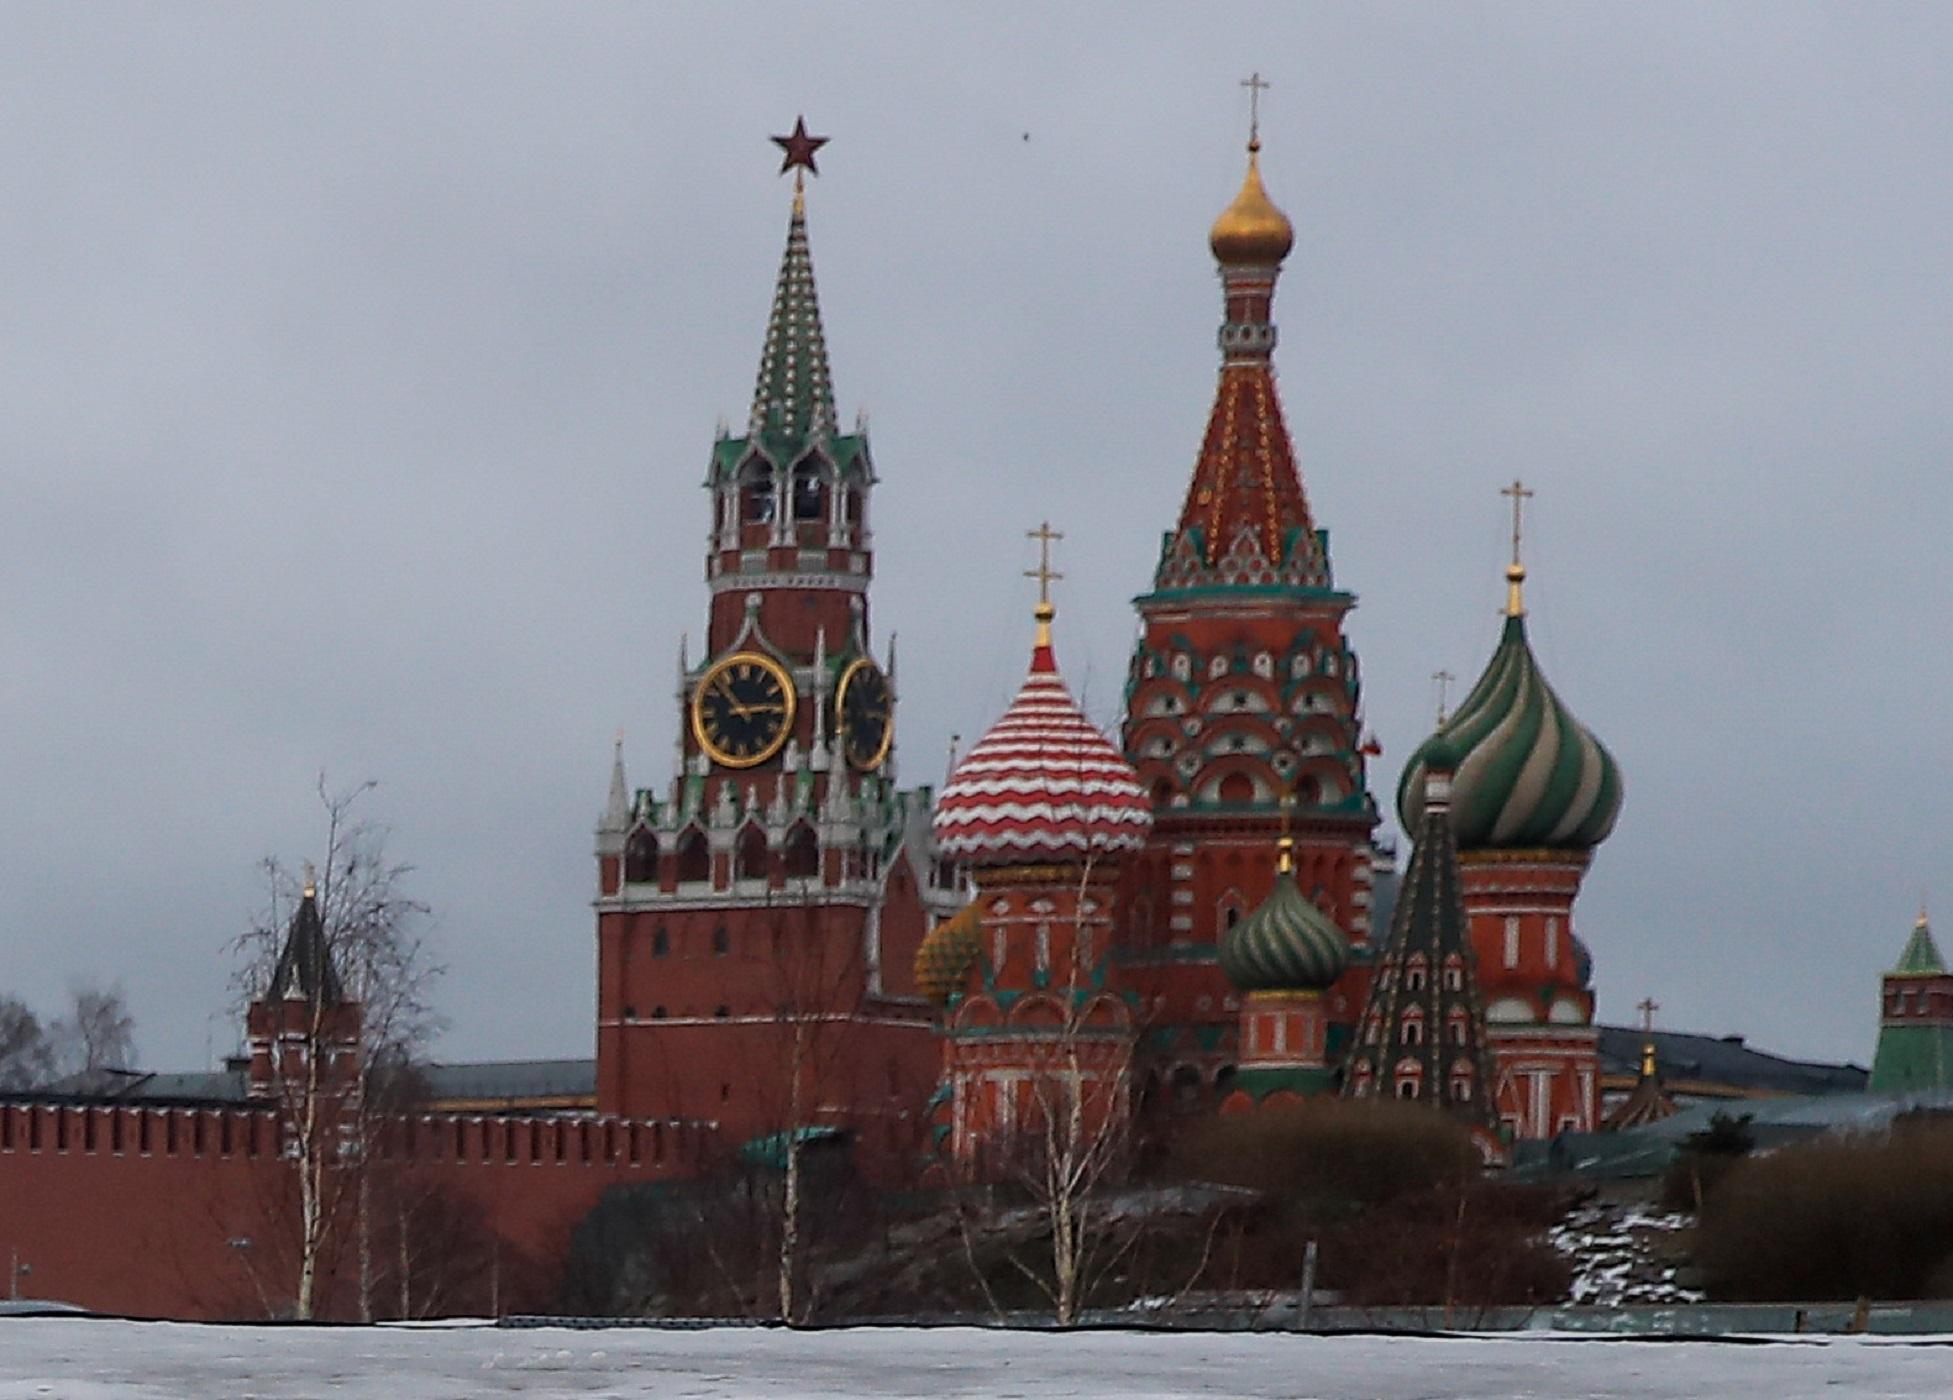 Ρωσία: Στα άκρα οι σχέσεις με ΕΕ μετά την απαγόρευση εισόδου σε 8 Ευρωπαίους αξιωματούχους